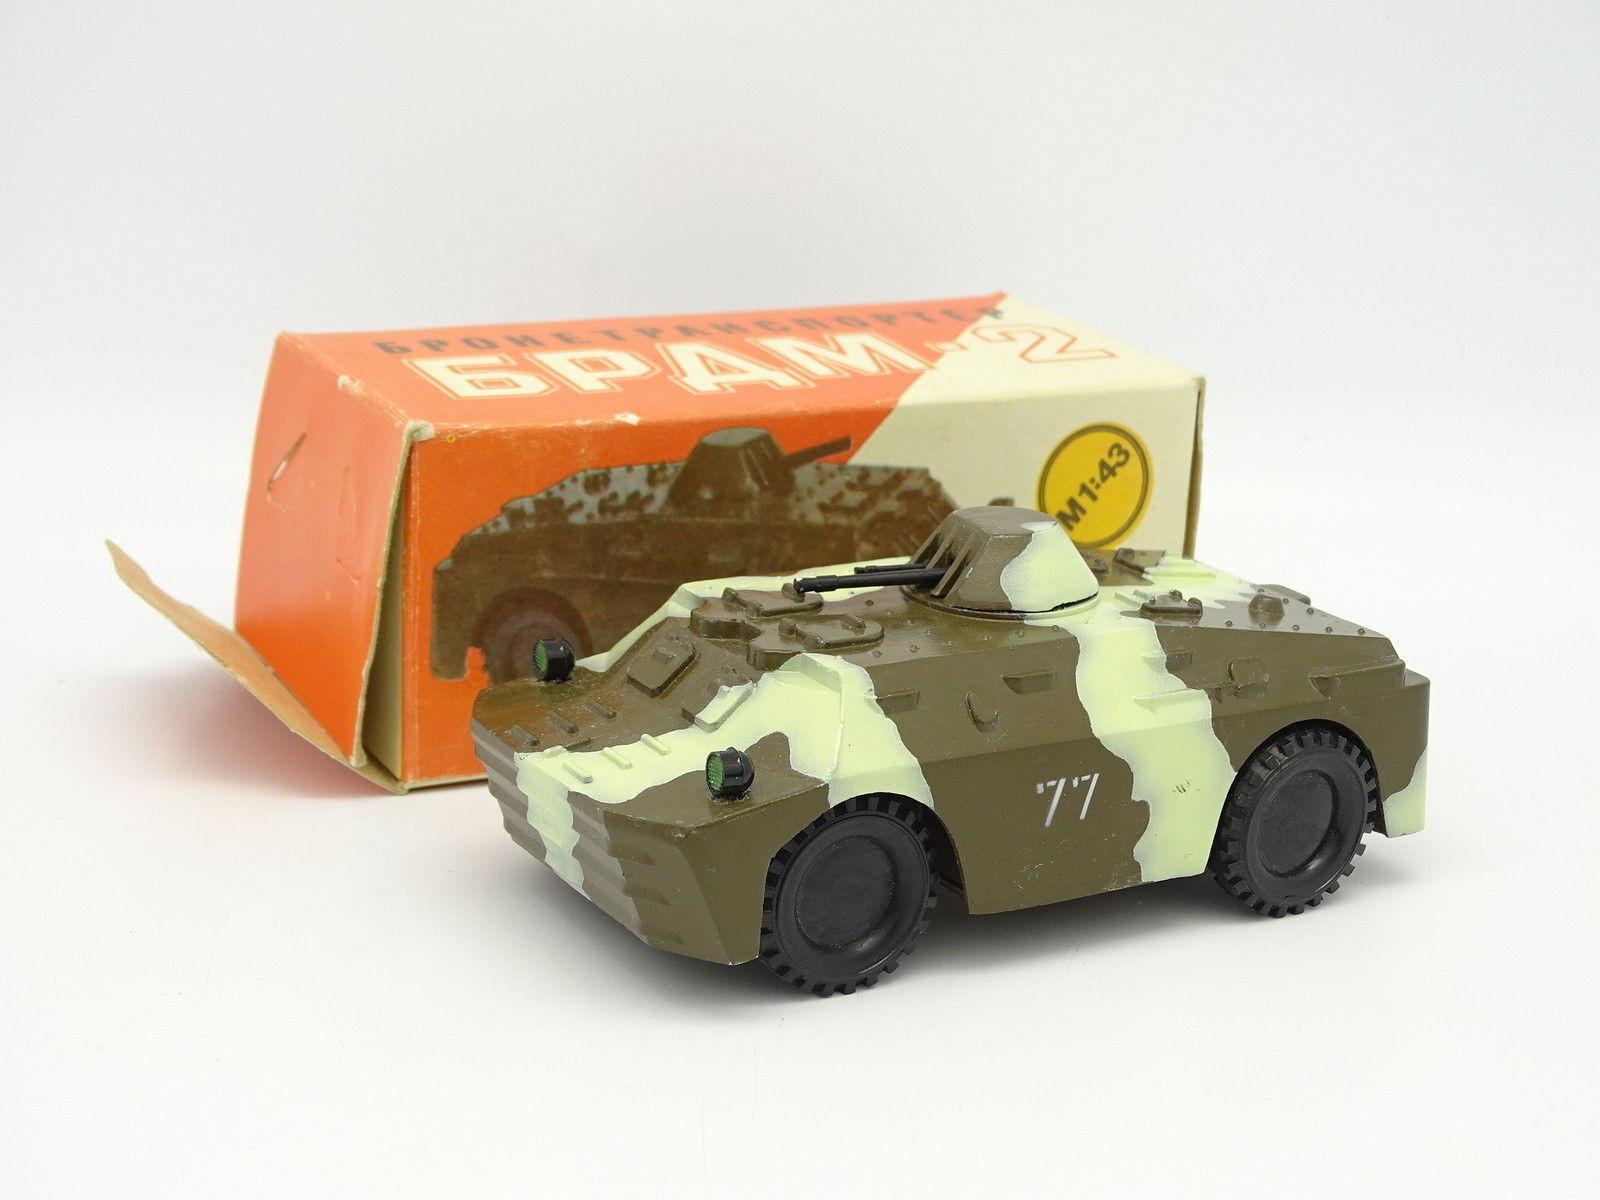 Russia 1 43 - Schermato Auto Militare Russian Army 77